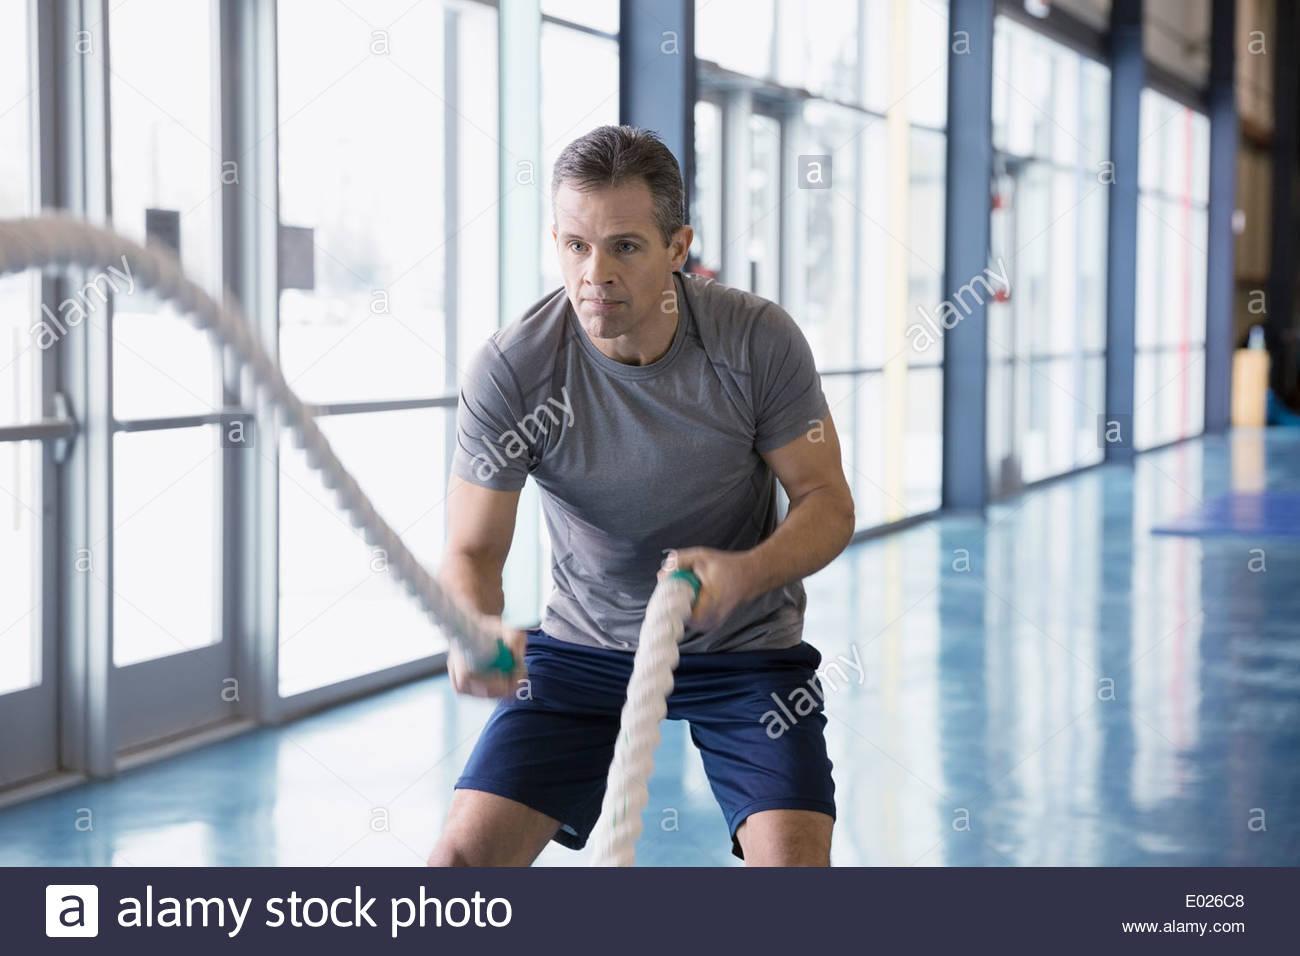 La formation de l'homme avec des cordes à gym Photo Stock